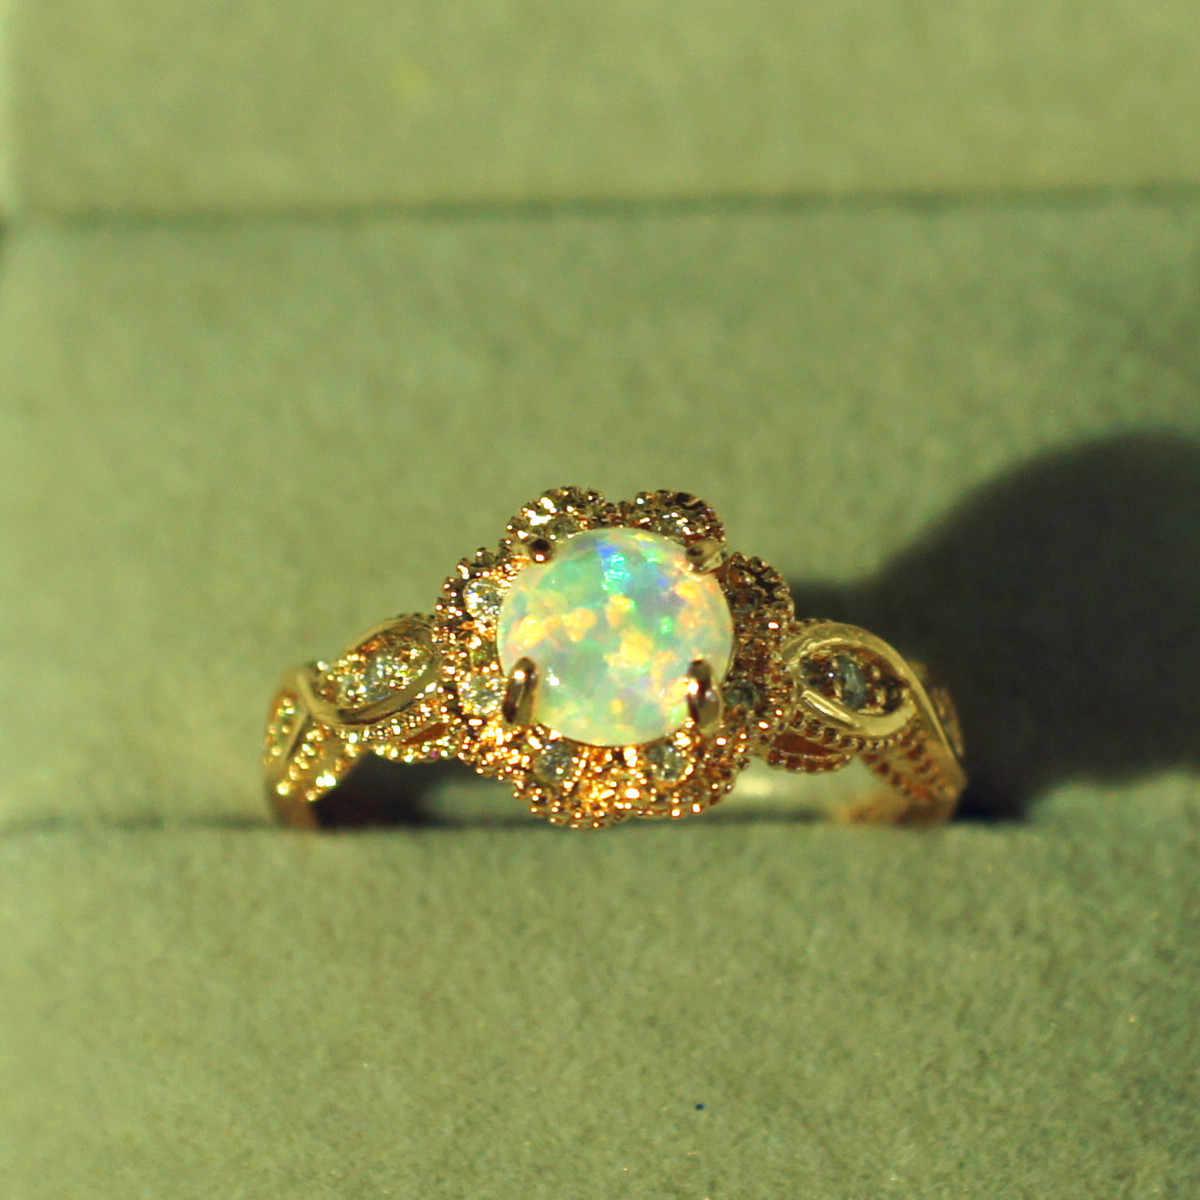 Стерлинговое серебро 925, кольца Opel Close с бриллиантами для женщин, розовое золото 14 к, модное украшение из драгоценных камней, изысканное кольцо anelli donna argento